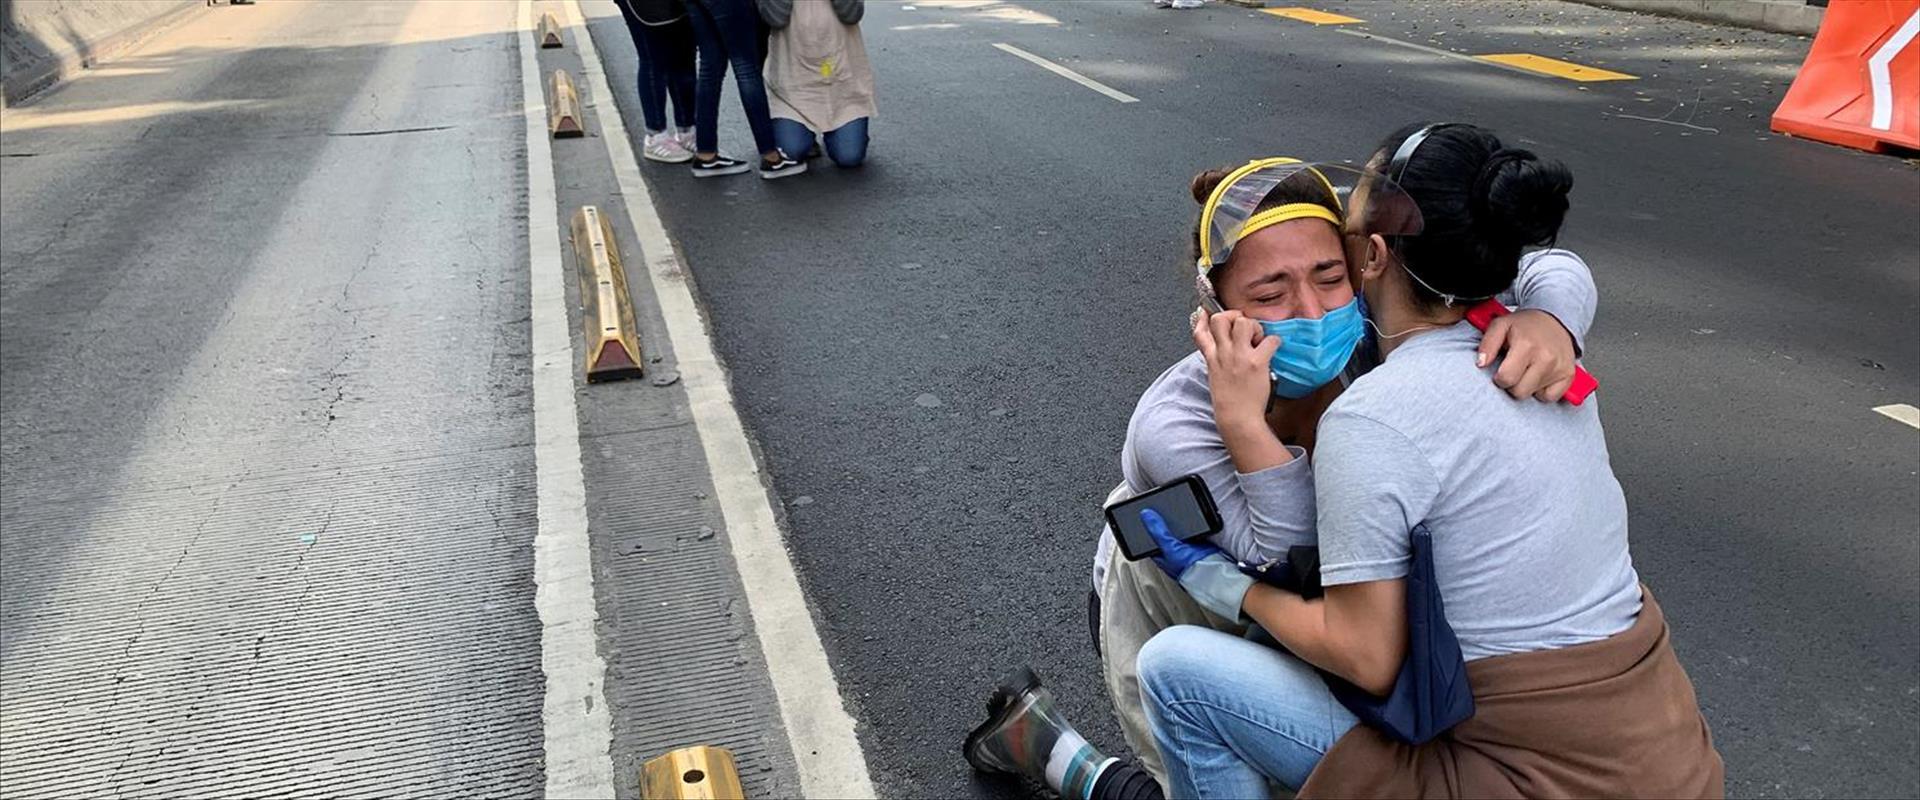 תושבים מבוהלים במקסיקו סיטי בזמן רעידת האדמה, היום